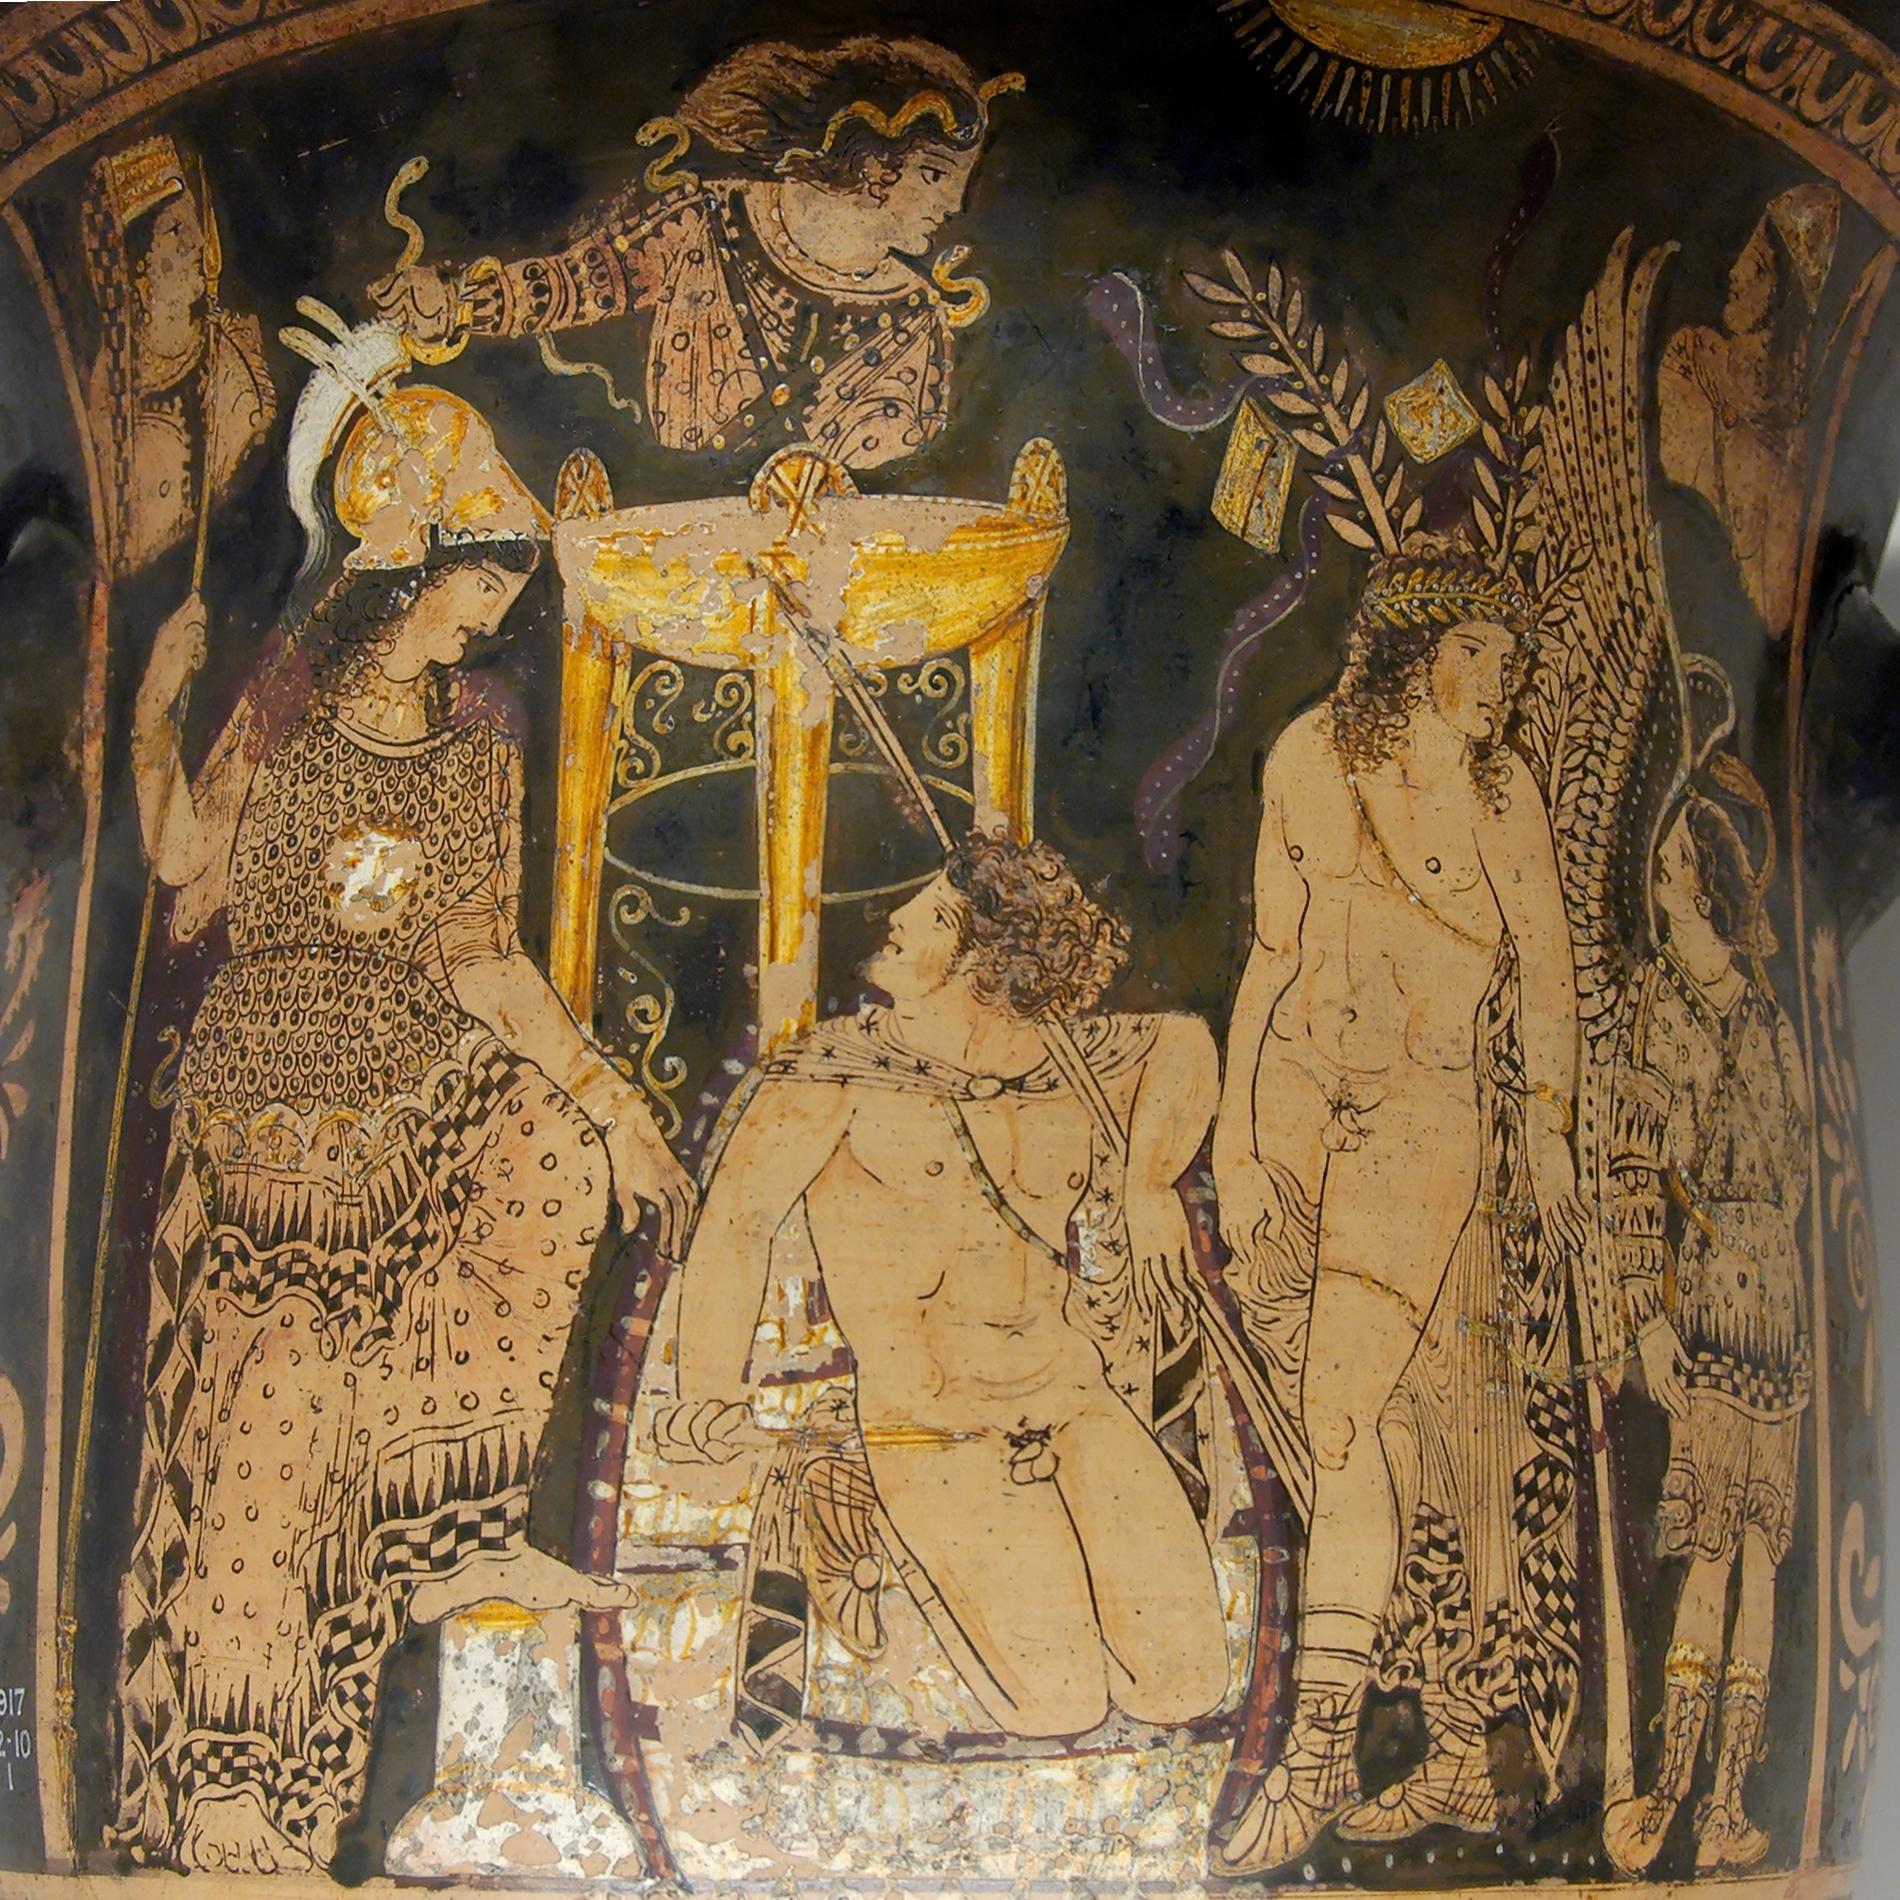 https://upload.wikimedia.org/wikipedia/commons/1/14/Orestes_Delphi_BM_GR1917.12-10.1.jpg?uselang=fr